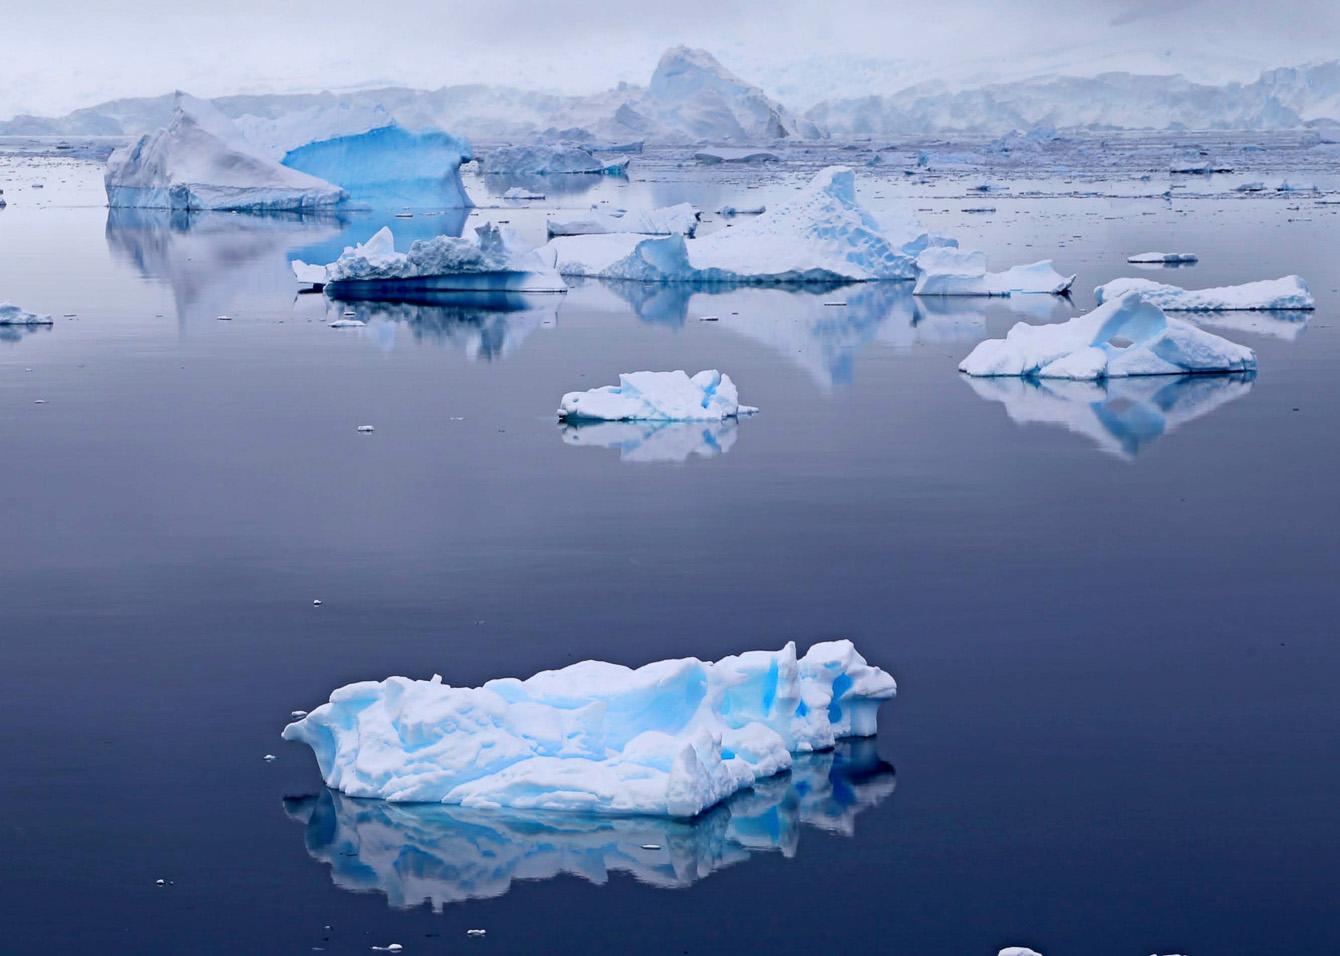 Reise in der Antarktis. Vom Expeditions Kreuzfahrtschiff MS Hanseatic von Hapag Lloyd Cruises aus sieht man viele Eisschollen und Eisberge im Arktischen Meer schwimmen.